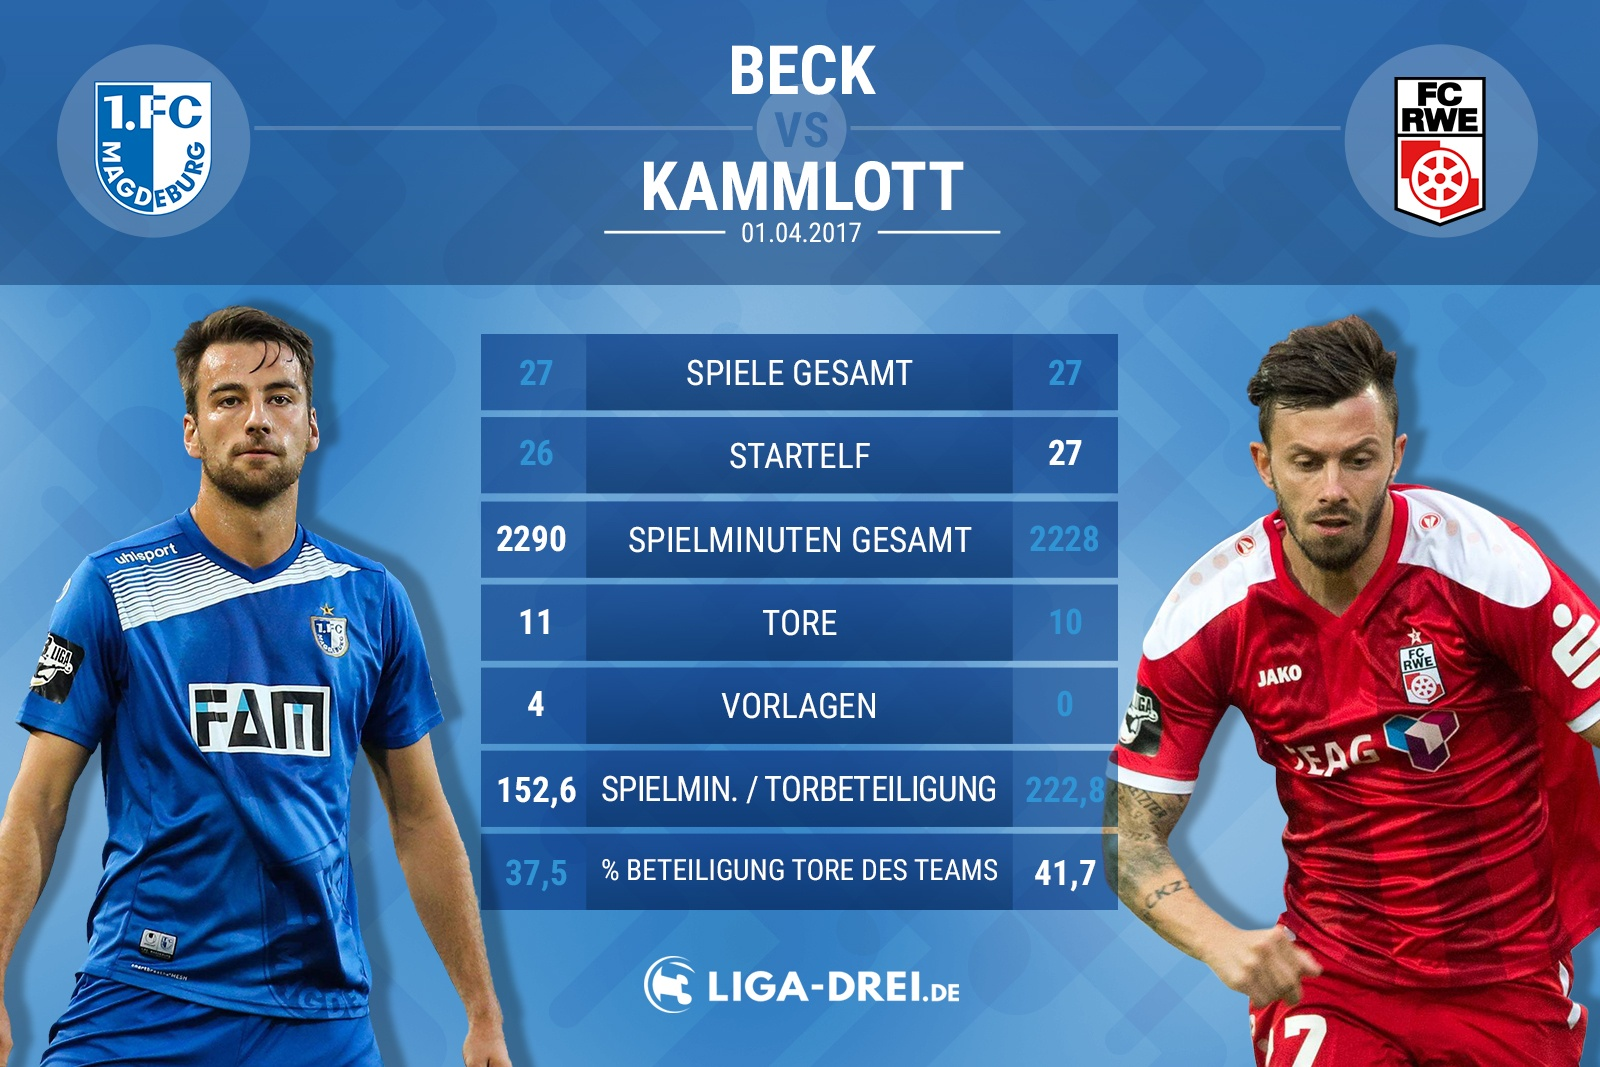 Spielervergleich von Beck & Kammlott